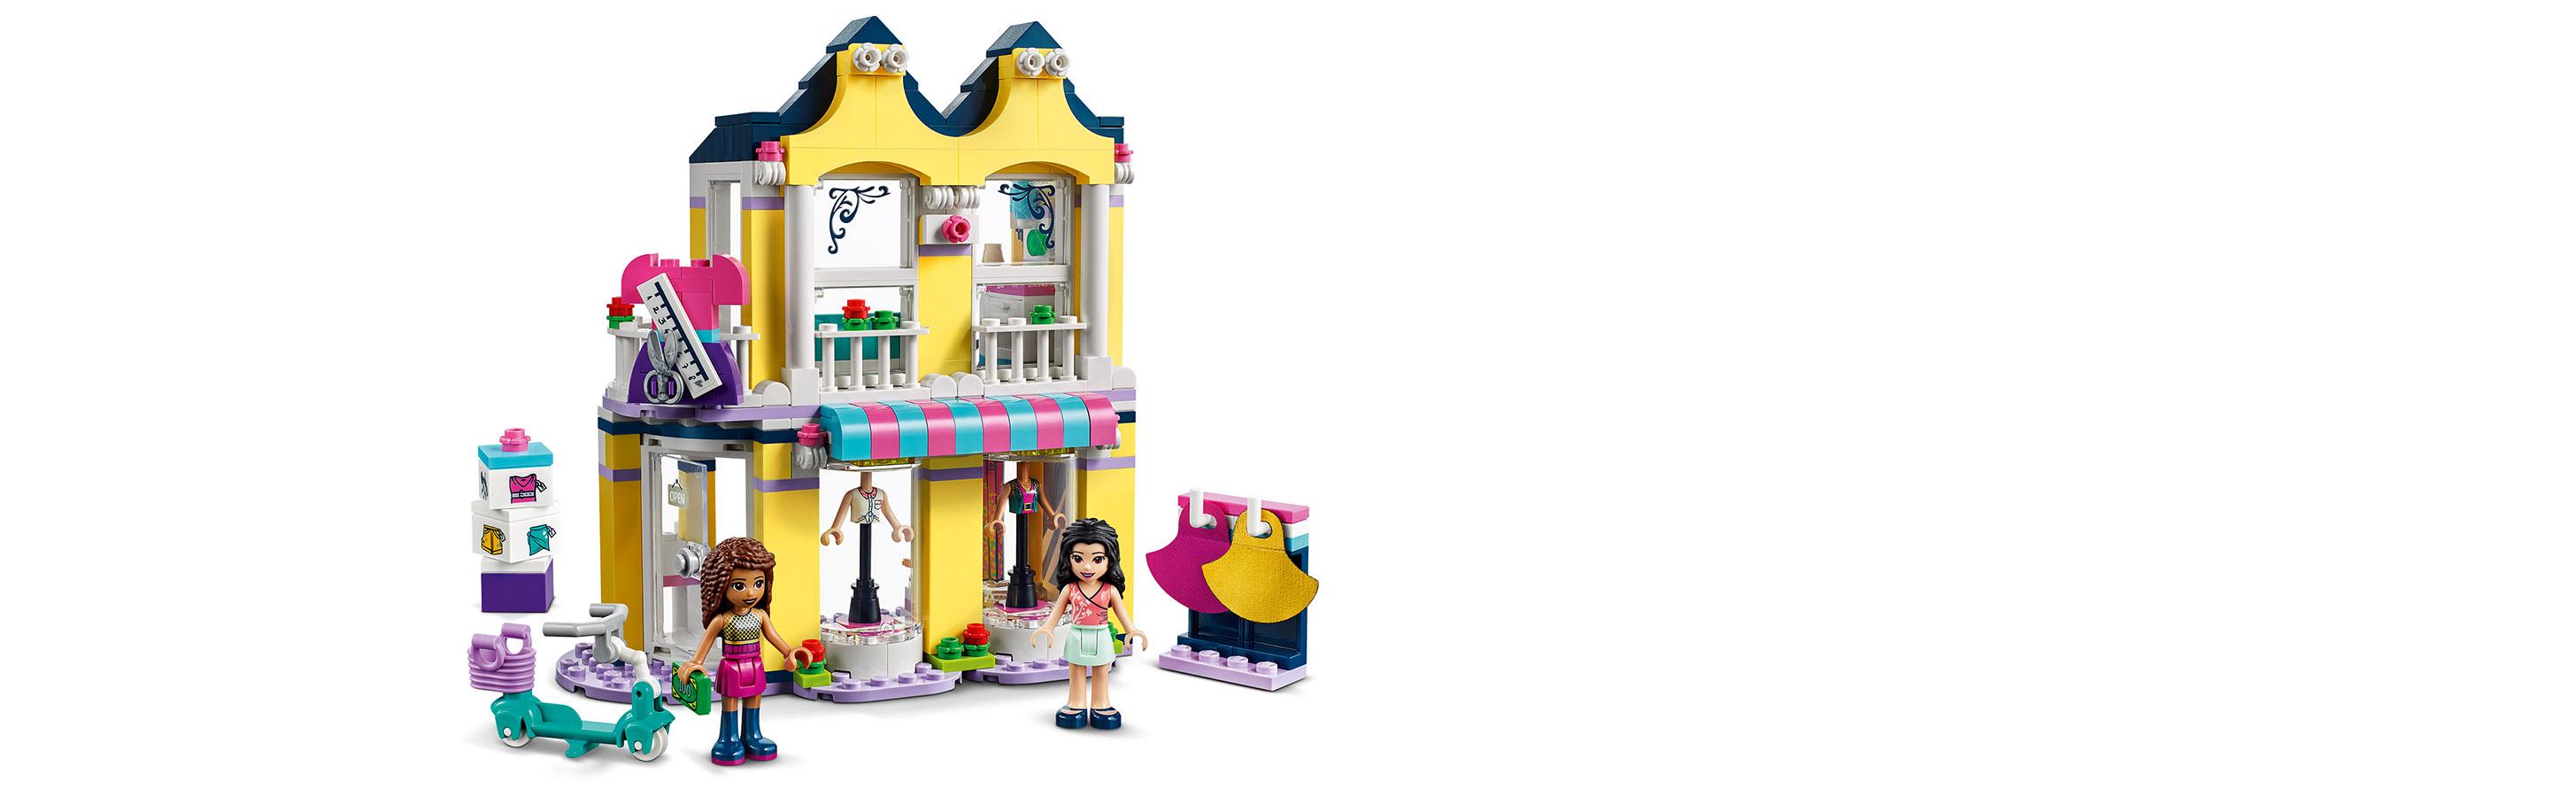 LEGO® 41427 Friends Emmas Mode-Geschäft Set, Puppenhaus mit Mini Puppen Andrea & Emma und Accessoires, Spielzeug ab 6 Jahren Minifigs